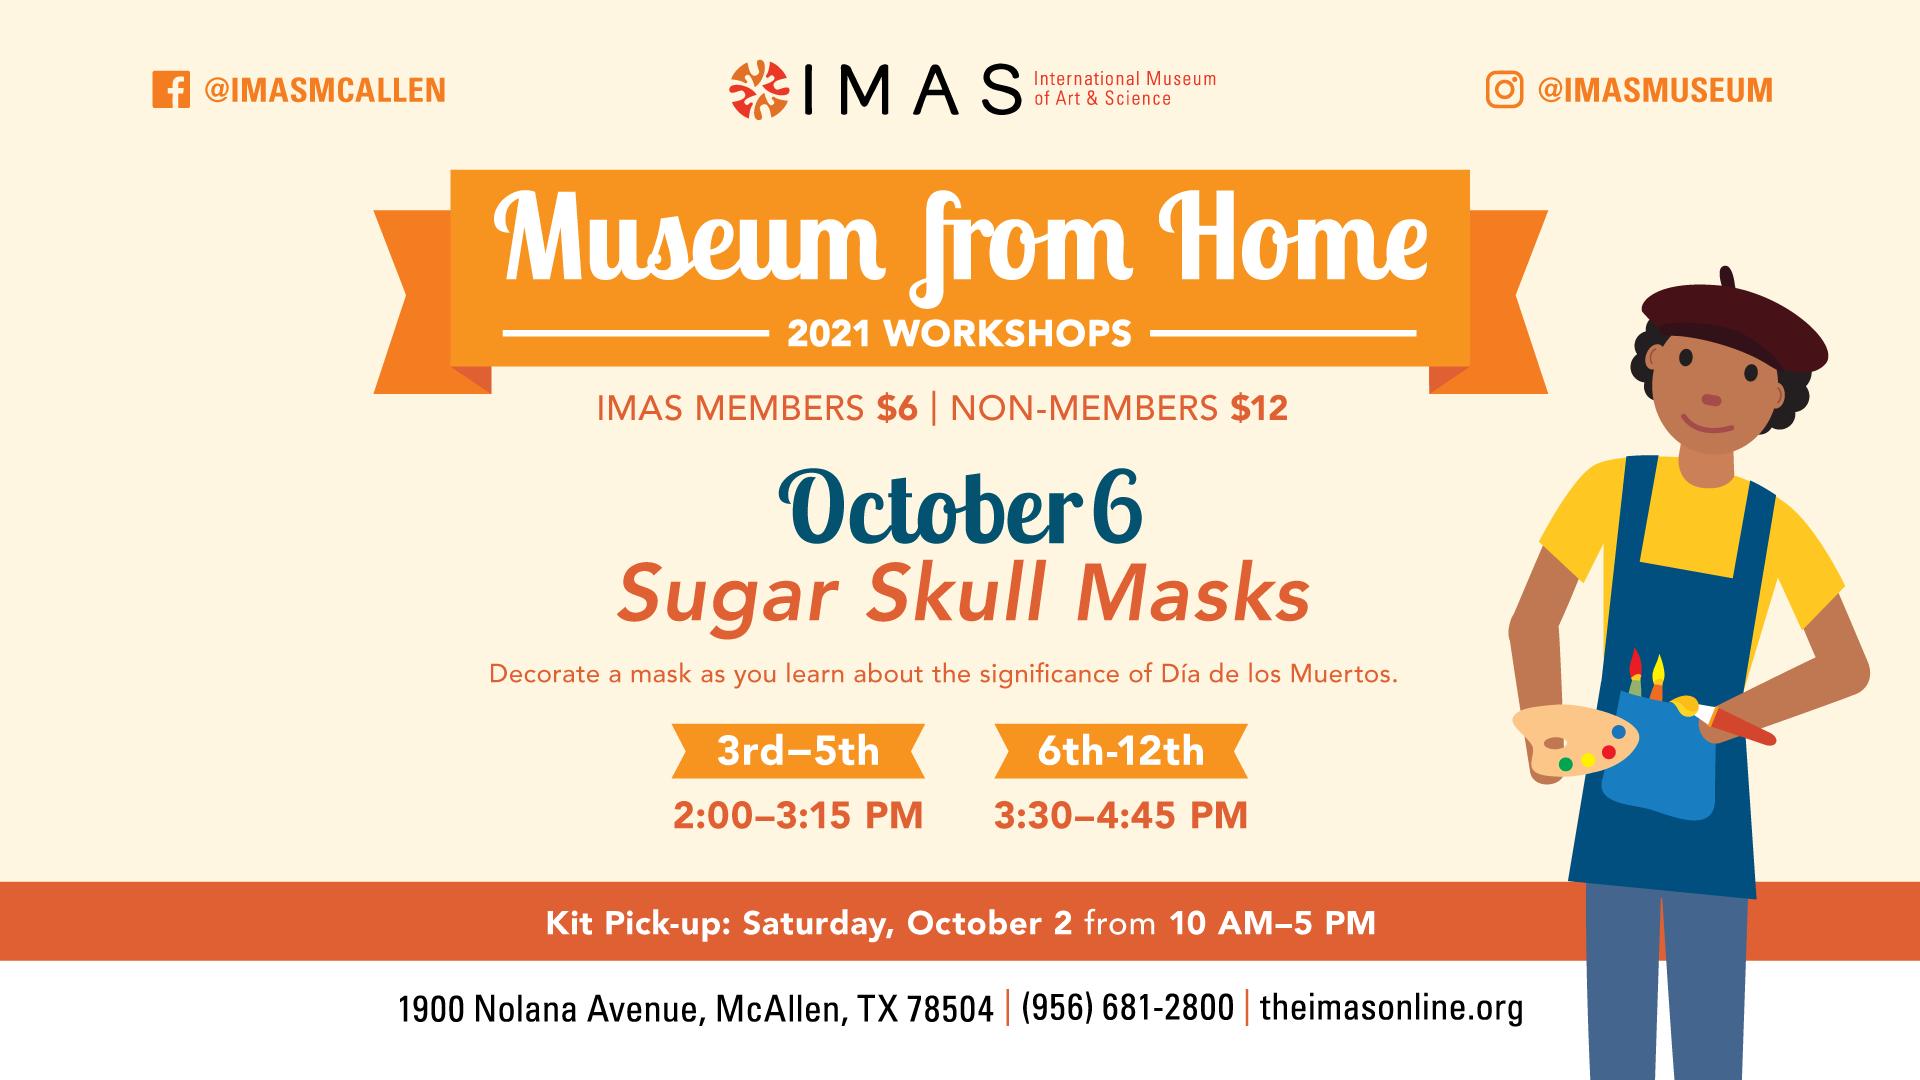 Museum from Home Sugar Skull Masks at IMAS